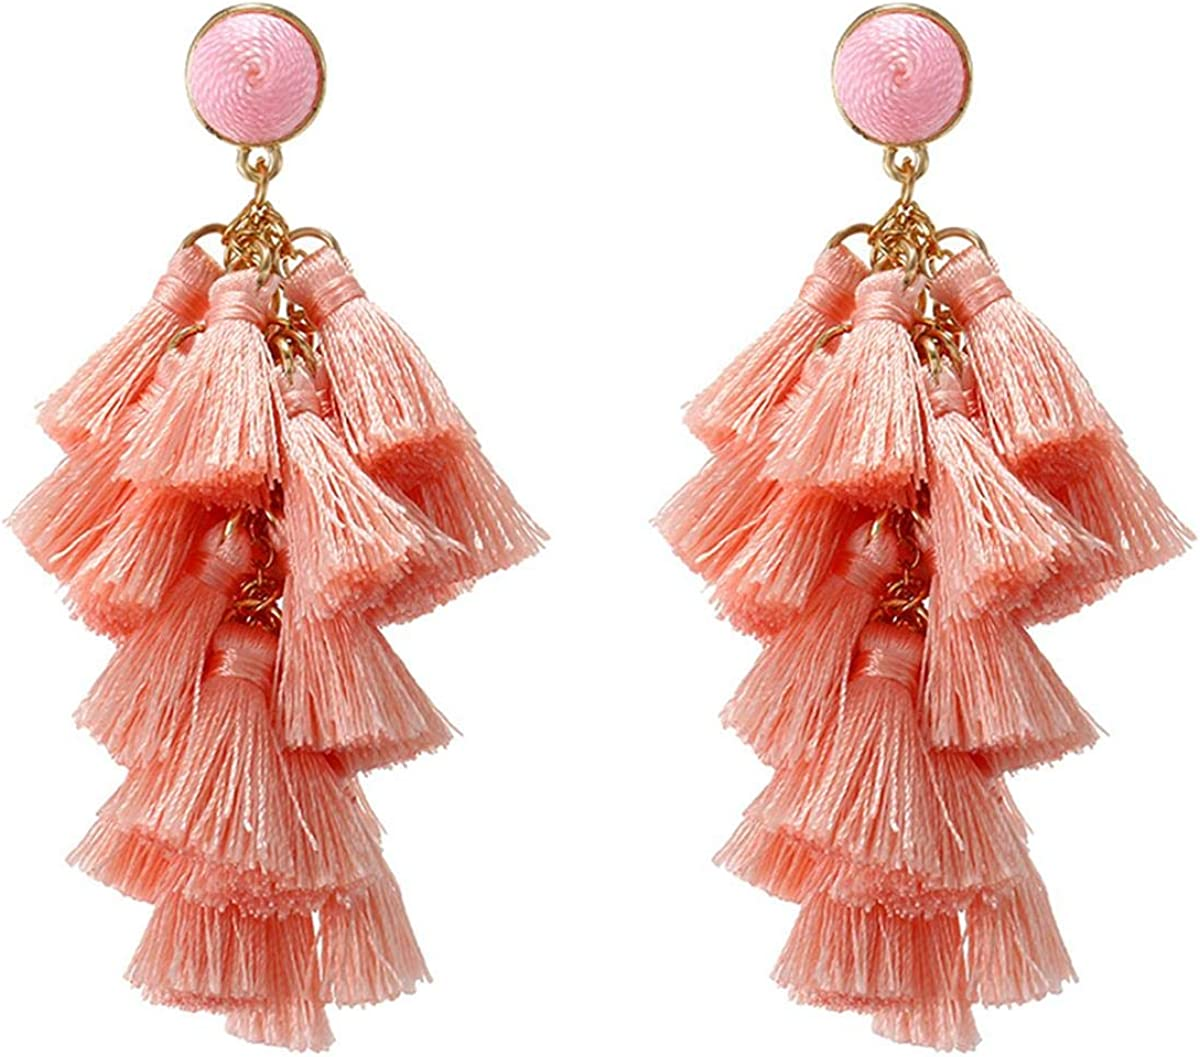 big soutache earrings long drop shape earrings witrh fringe mexican earrings colorful Purple tassel earrings boho statement earrings